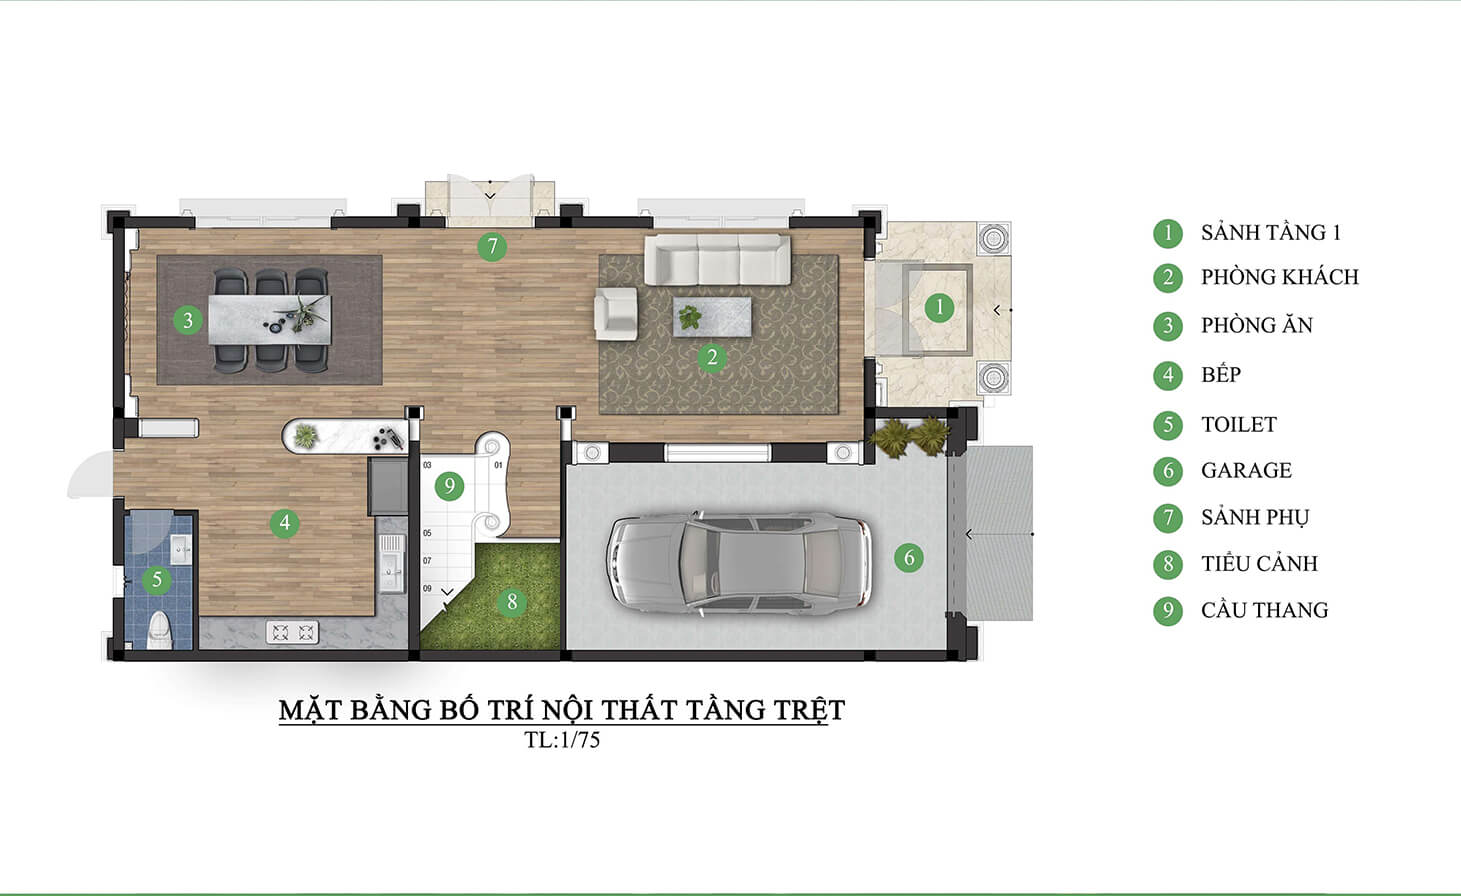 biệt thự 3 tầng mái thái hiện đại